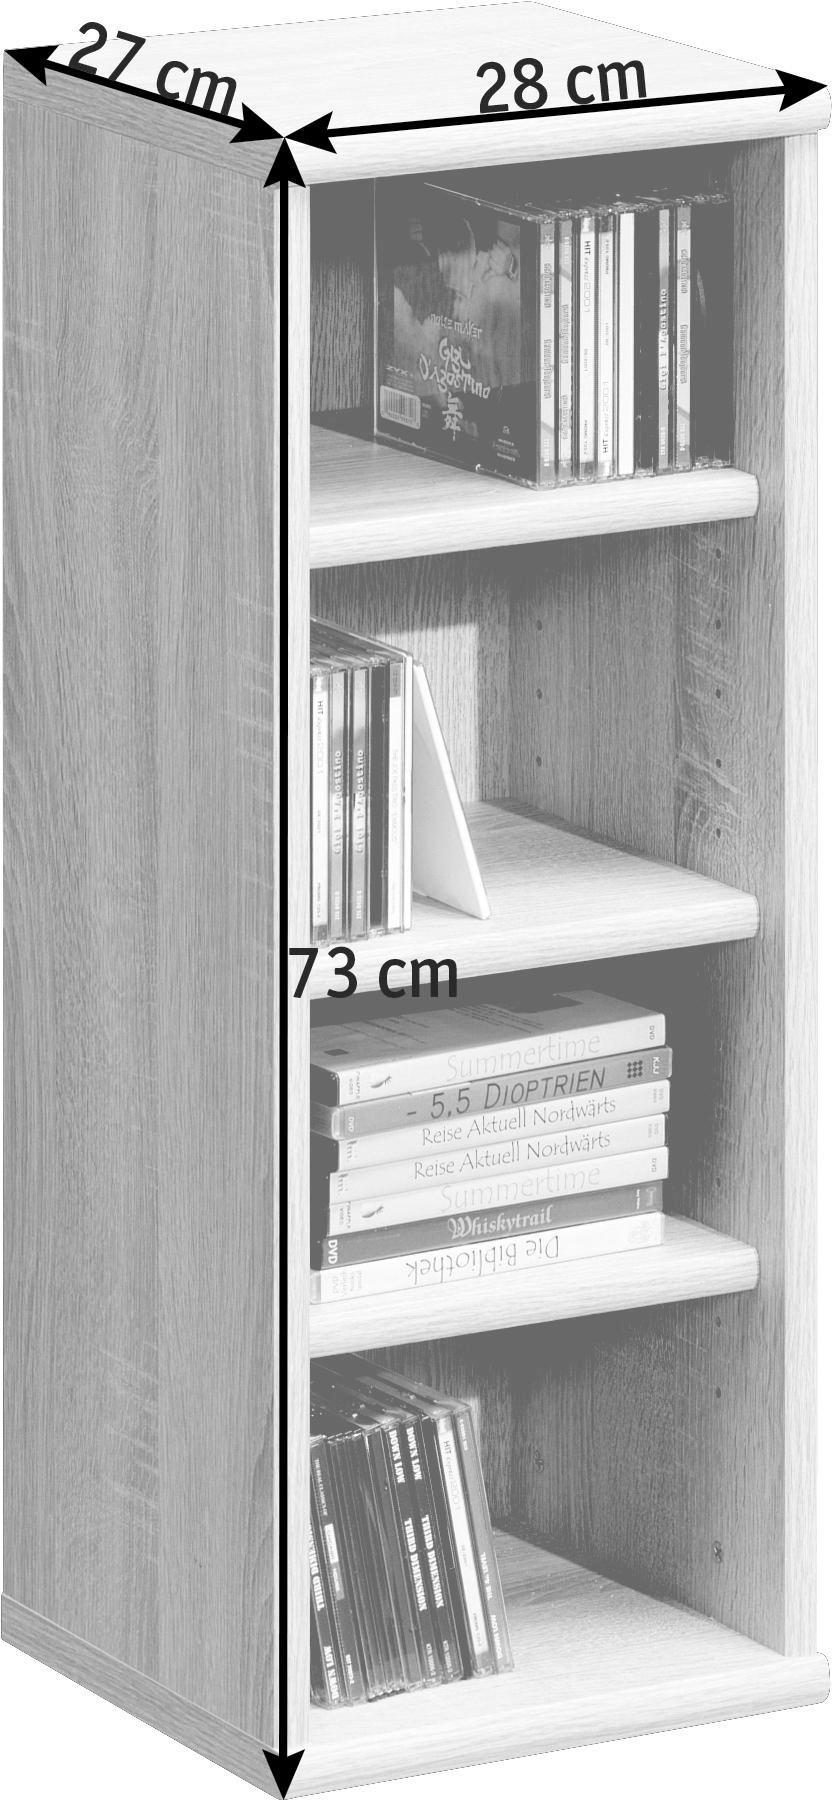 REGAL in Weiß - Weiß, KONVENTIONELL, Holz/Holzwerkstoff (28/73/26cm) - CS SCHMAL